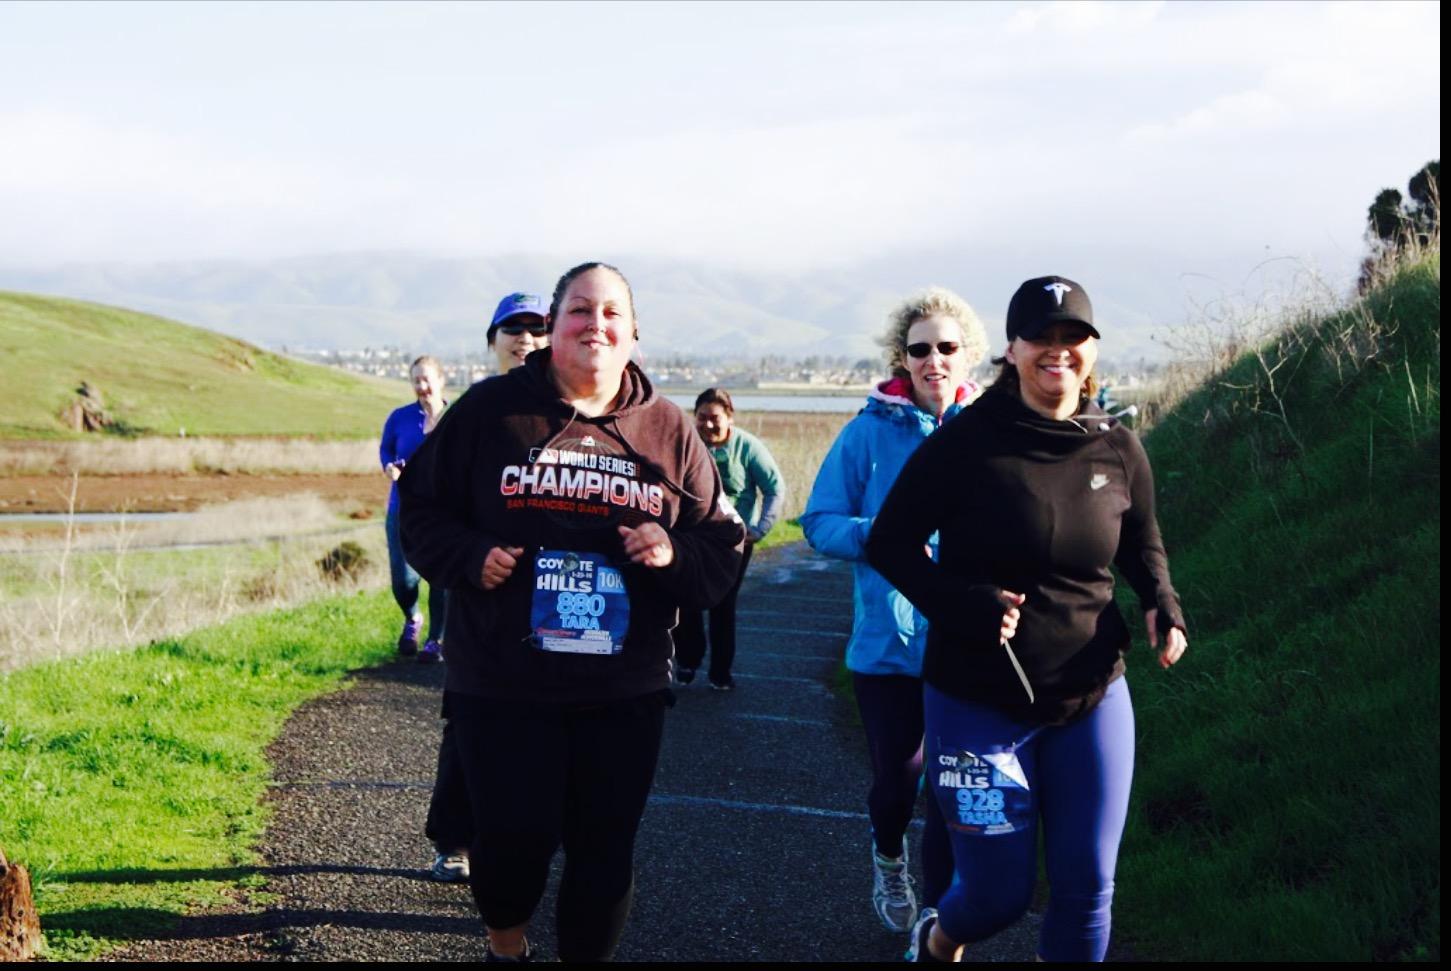 Tara running group